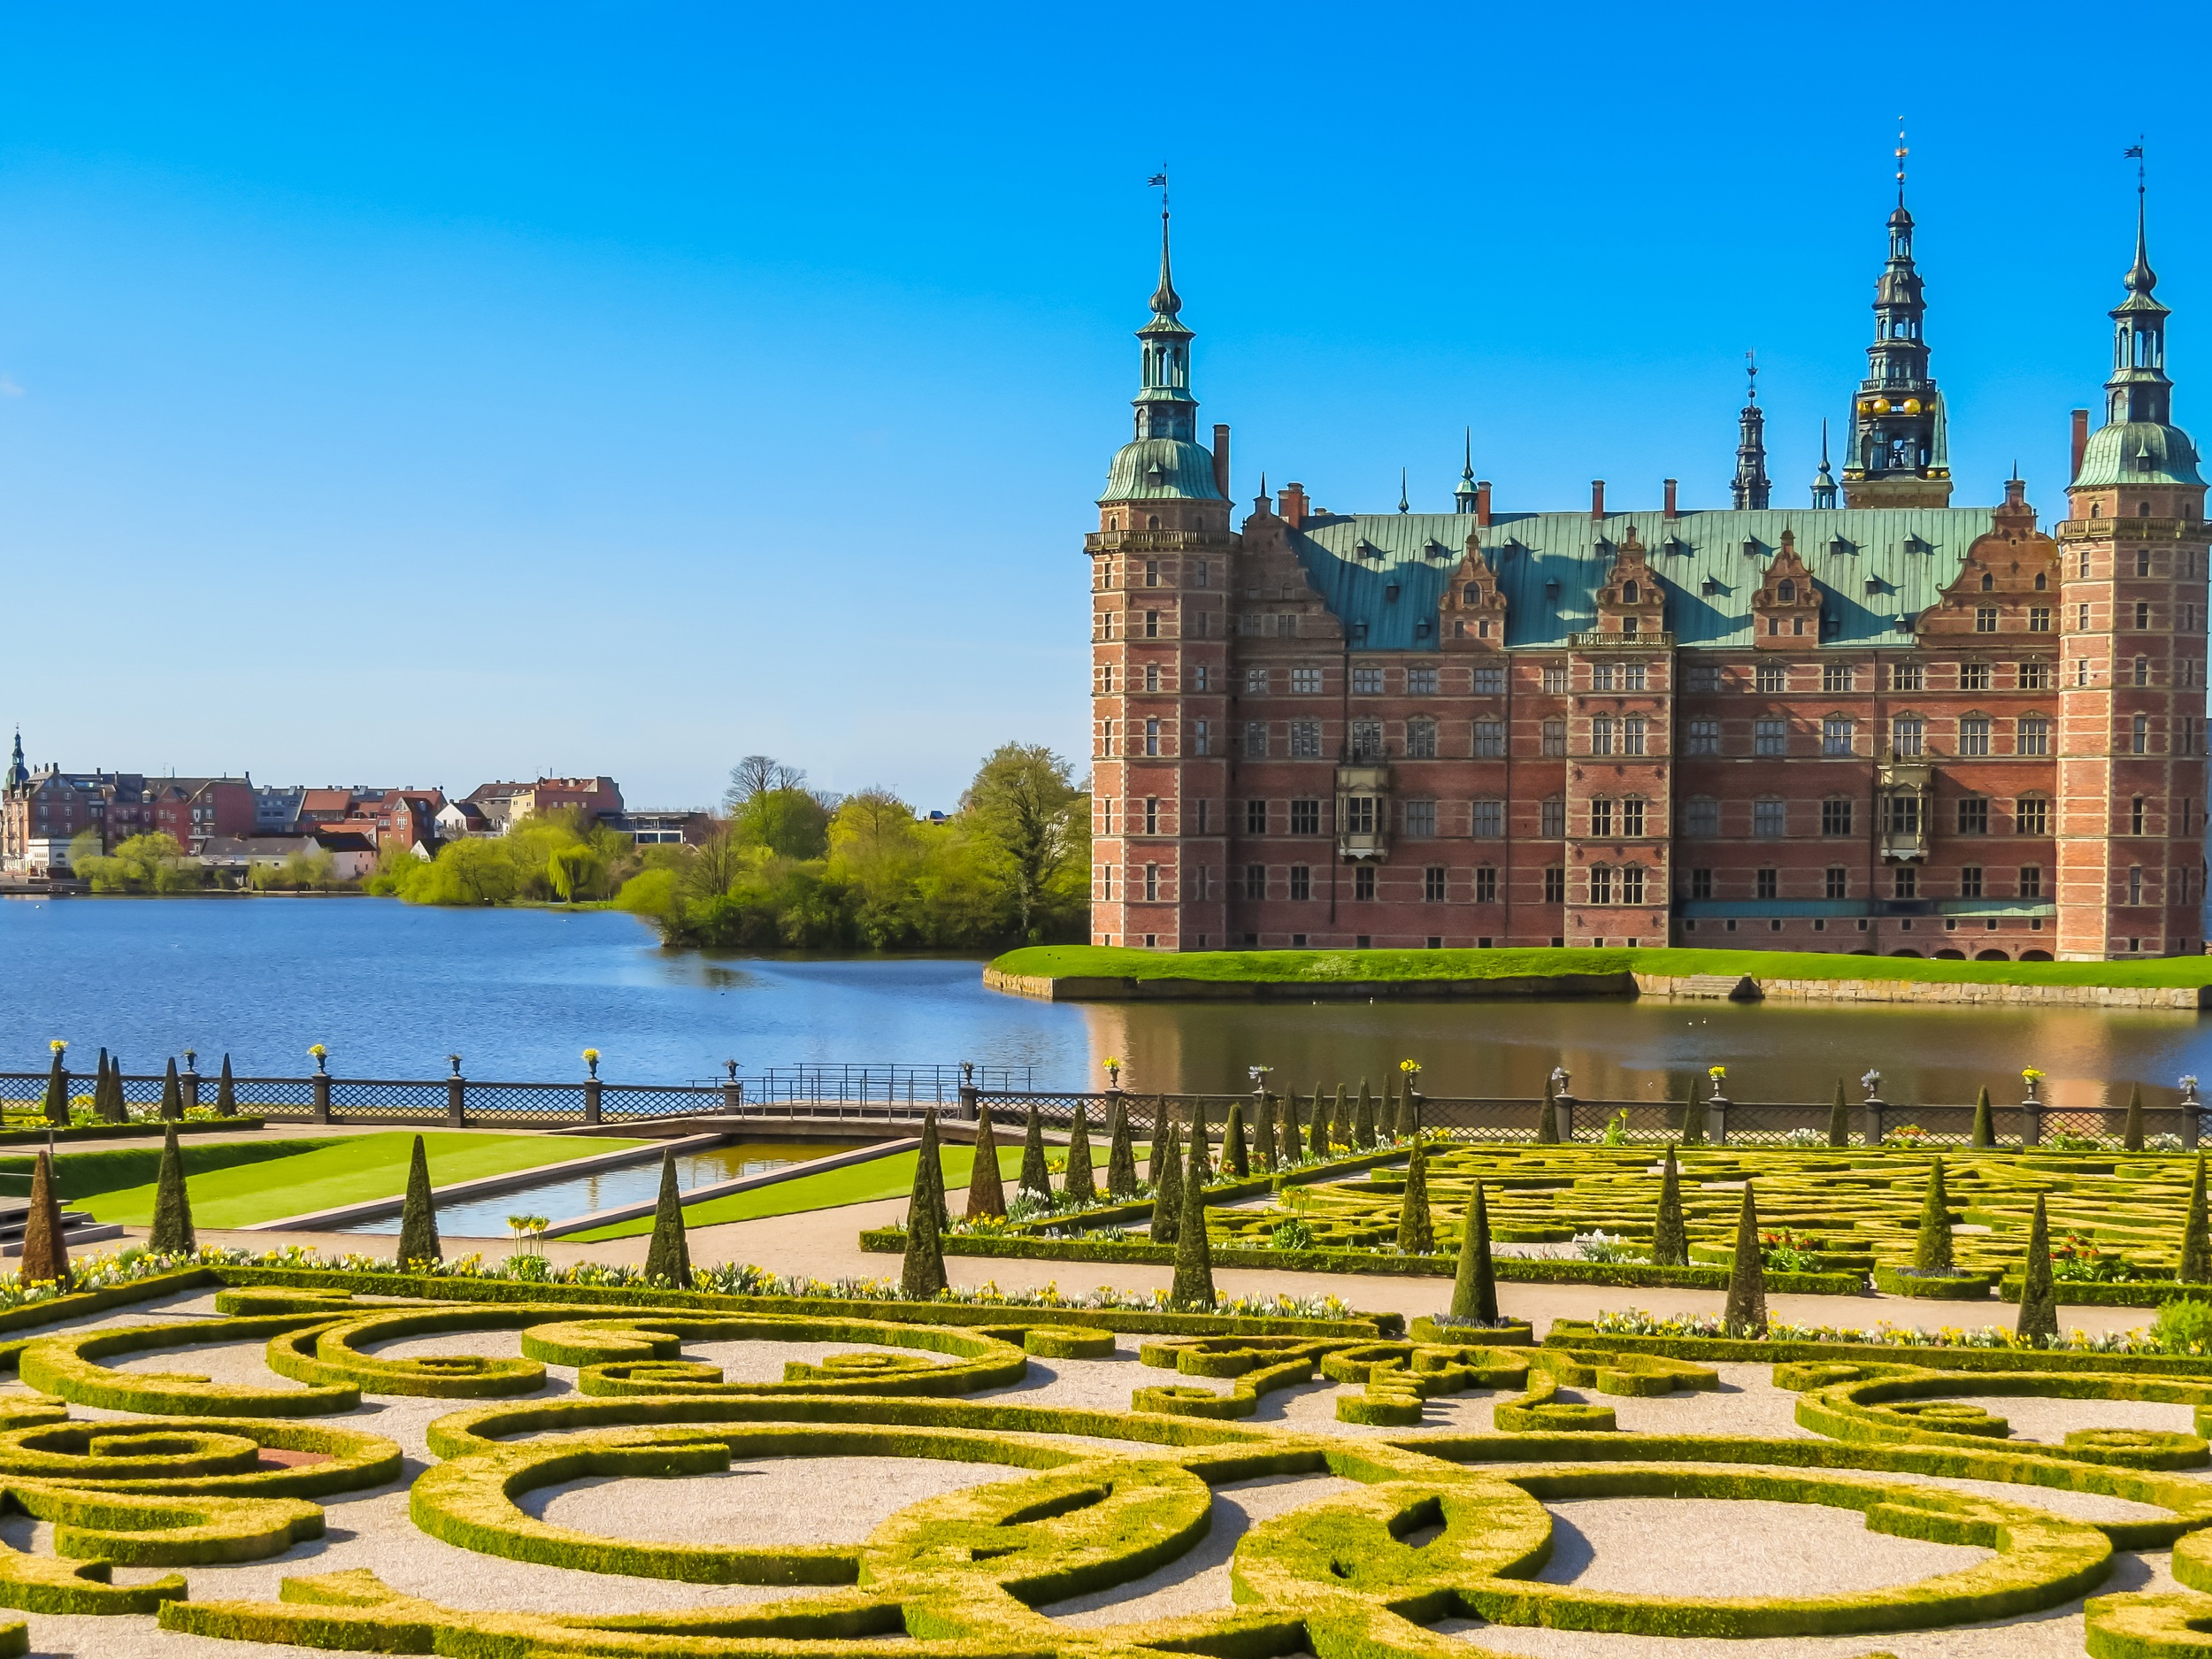 Visiter le château Frederiksborg à Copenhague